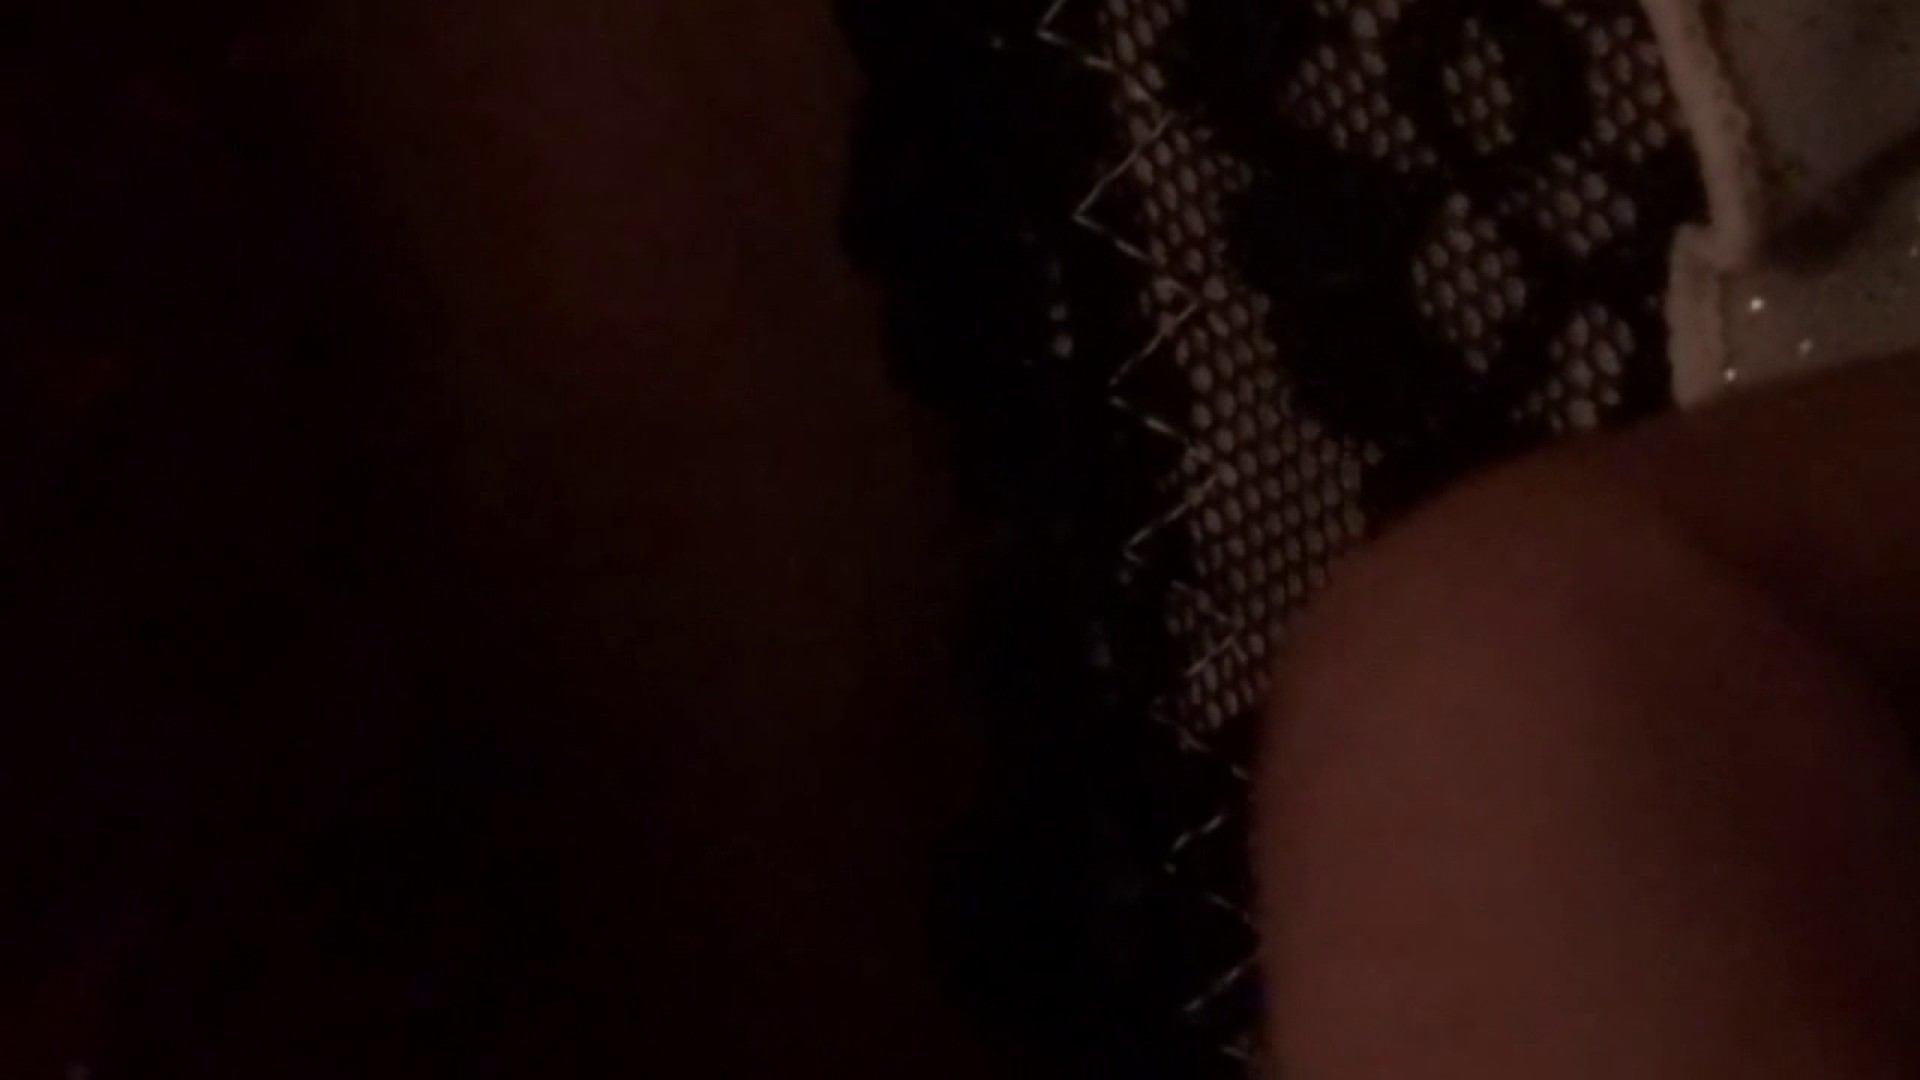 魔術師の お・も・て・な・し vol.25 19歳の巨乳ちゃんにログイン! 巨乳   イタズラ  82pic 40